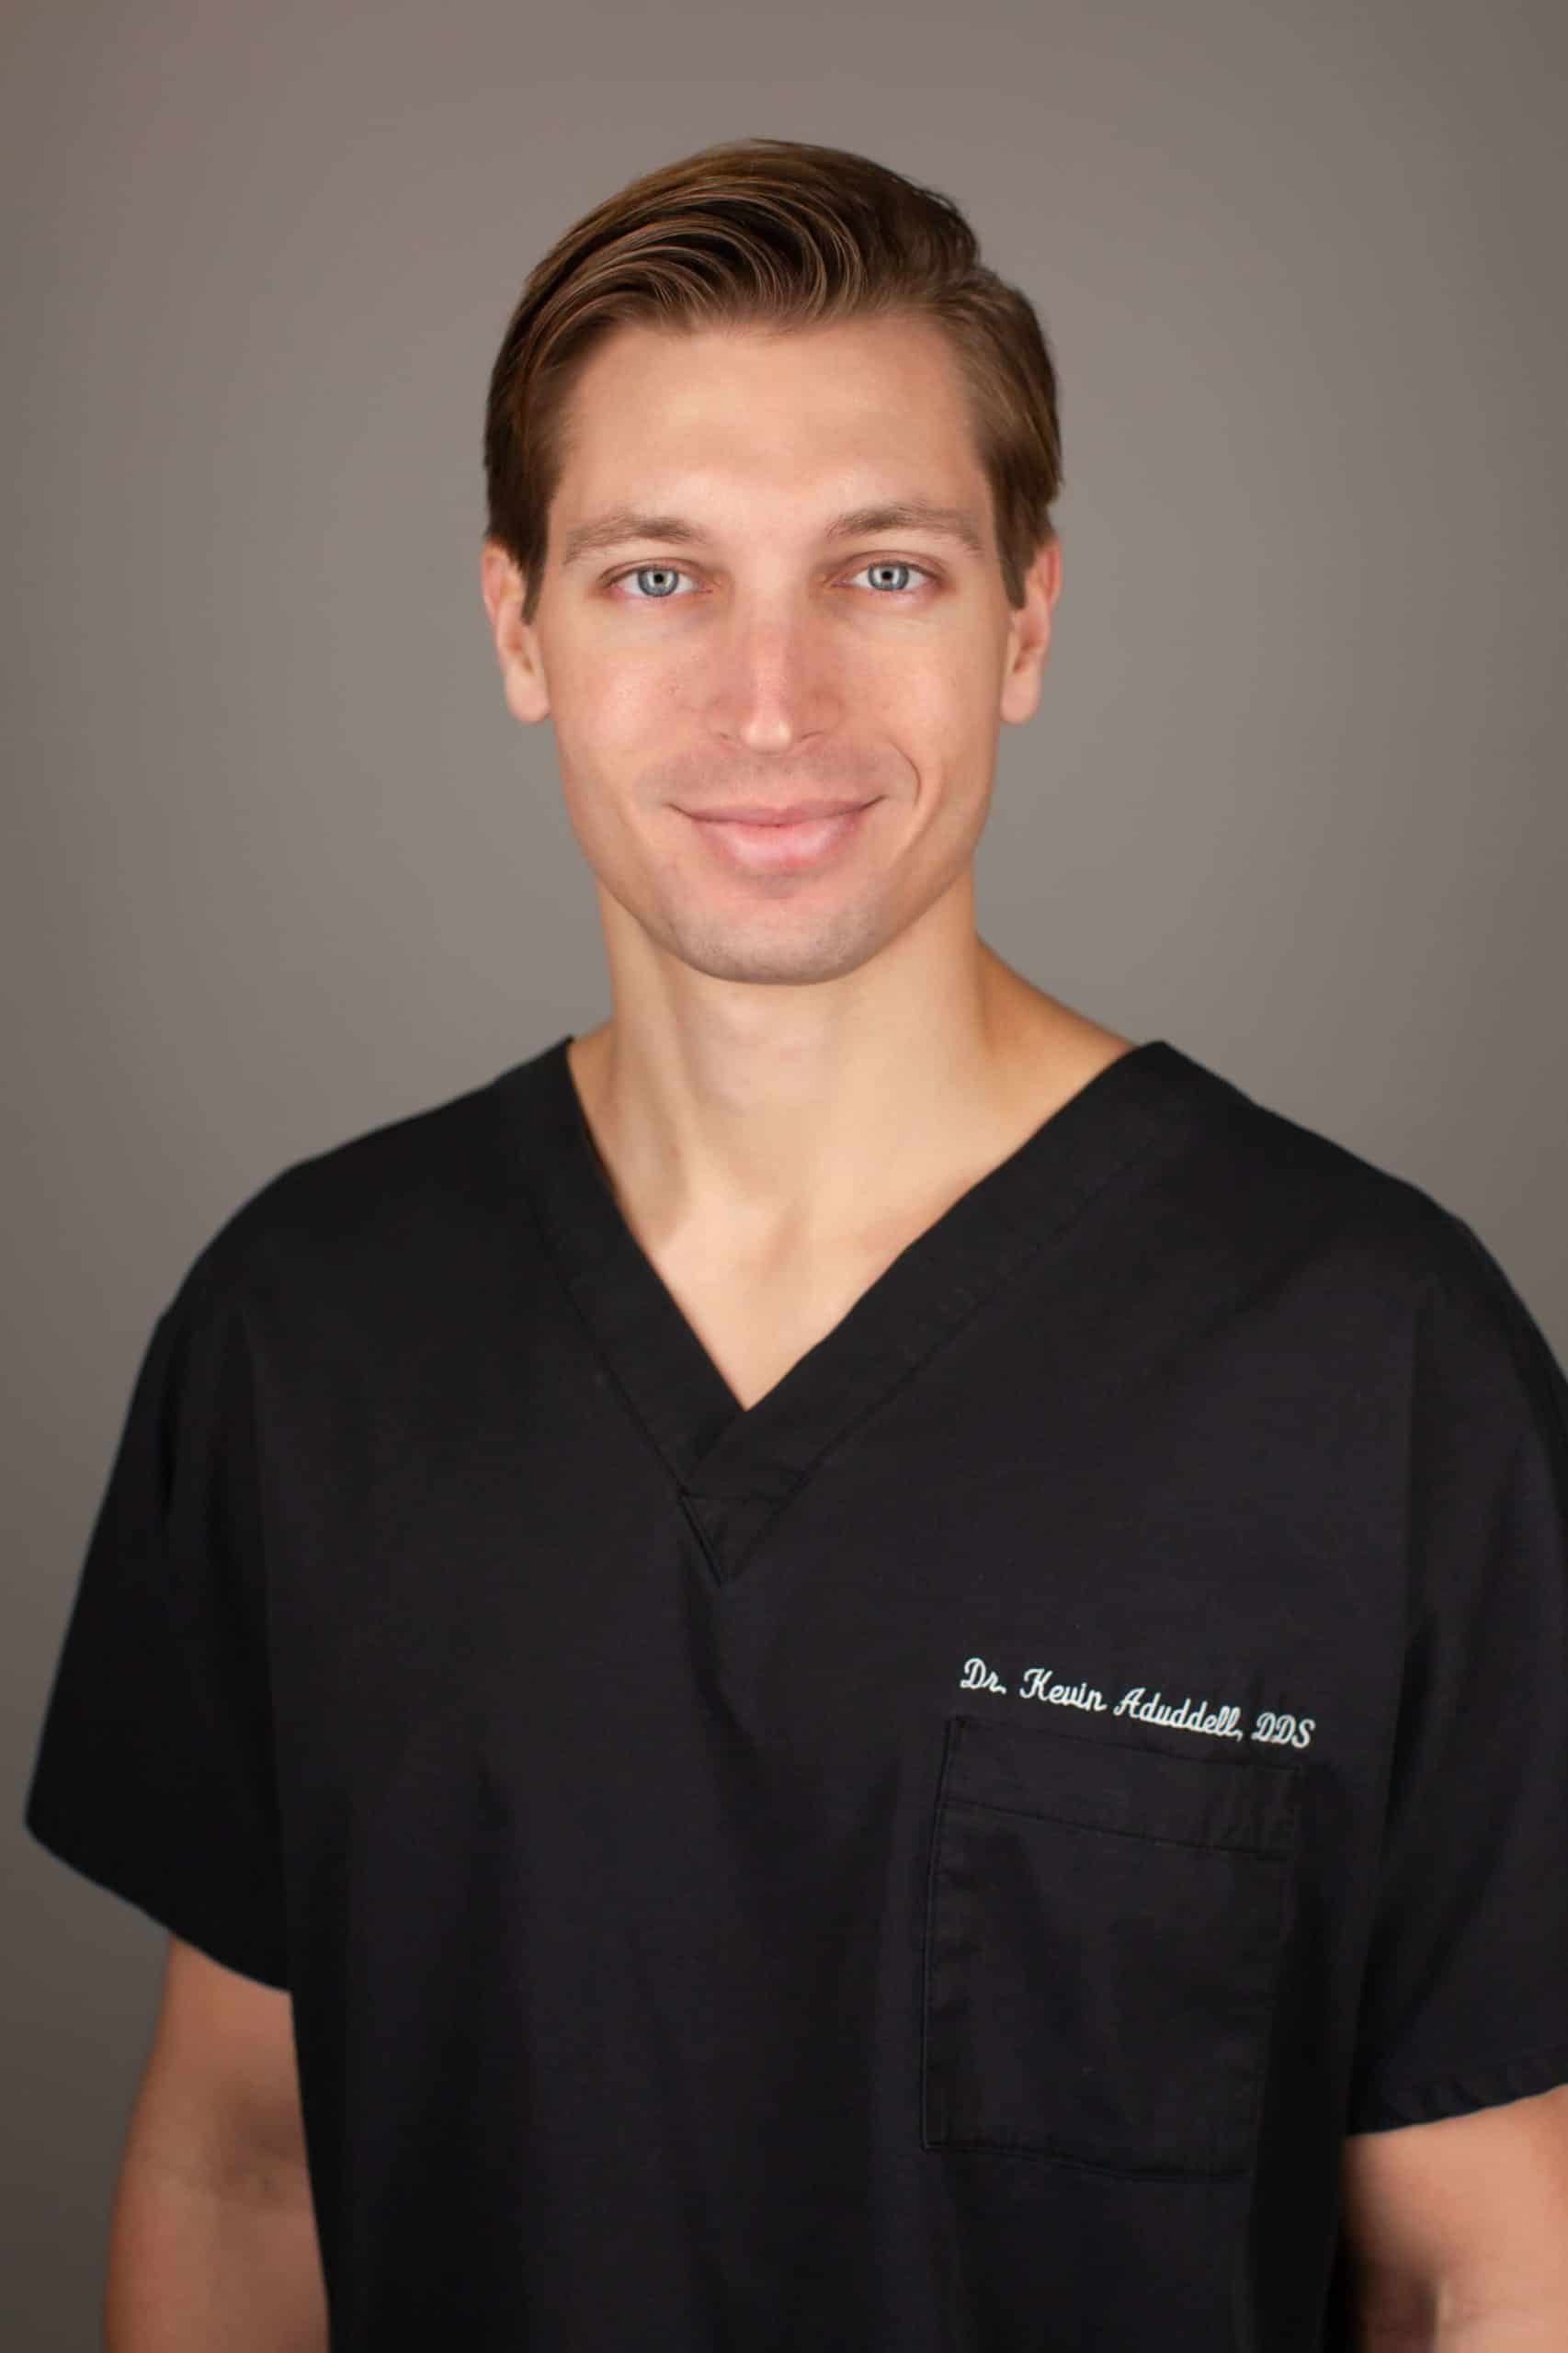 Dr. Kevin Aduddell at Aduddell Dentistry